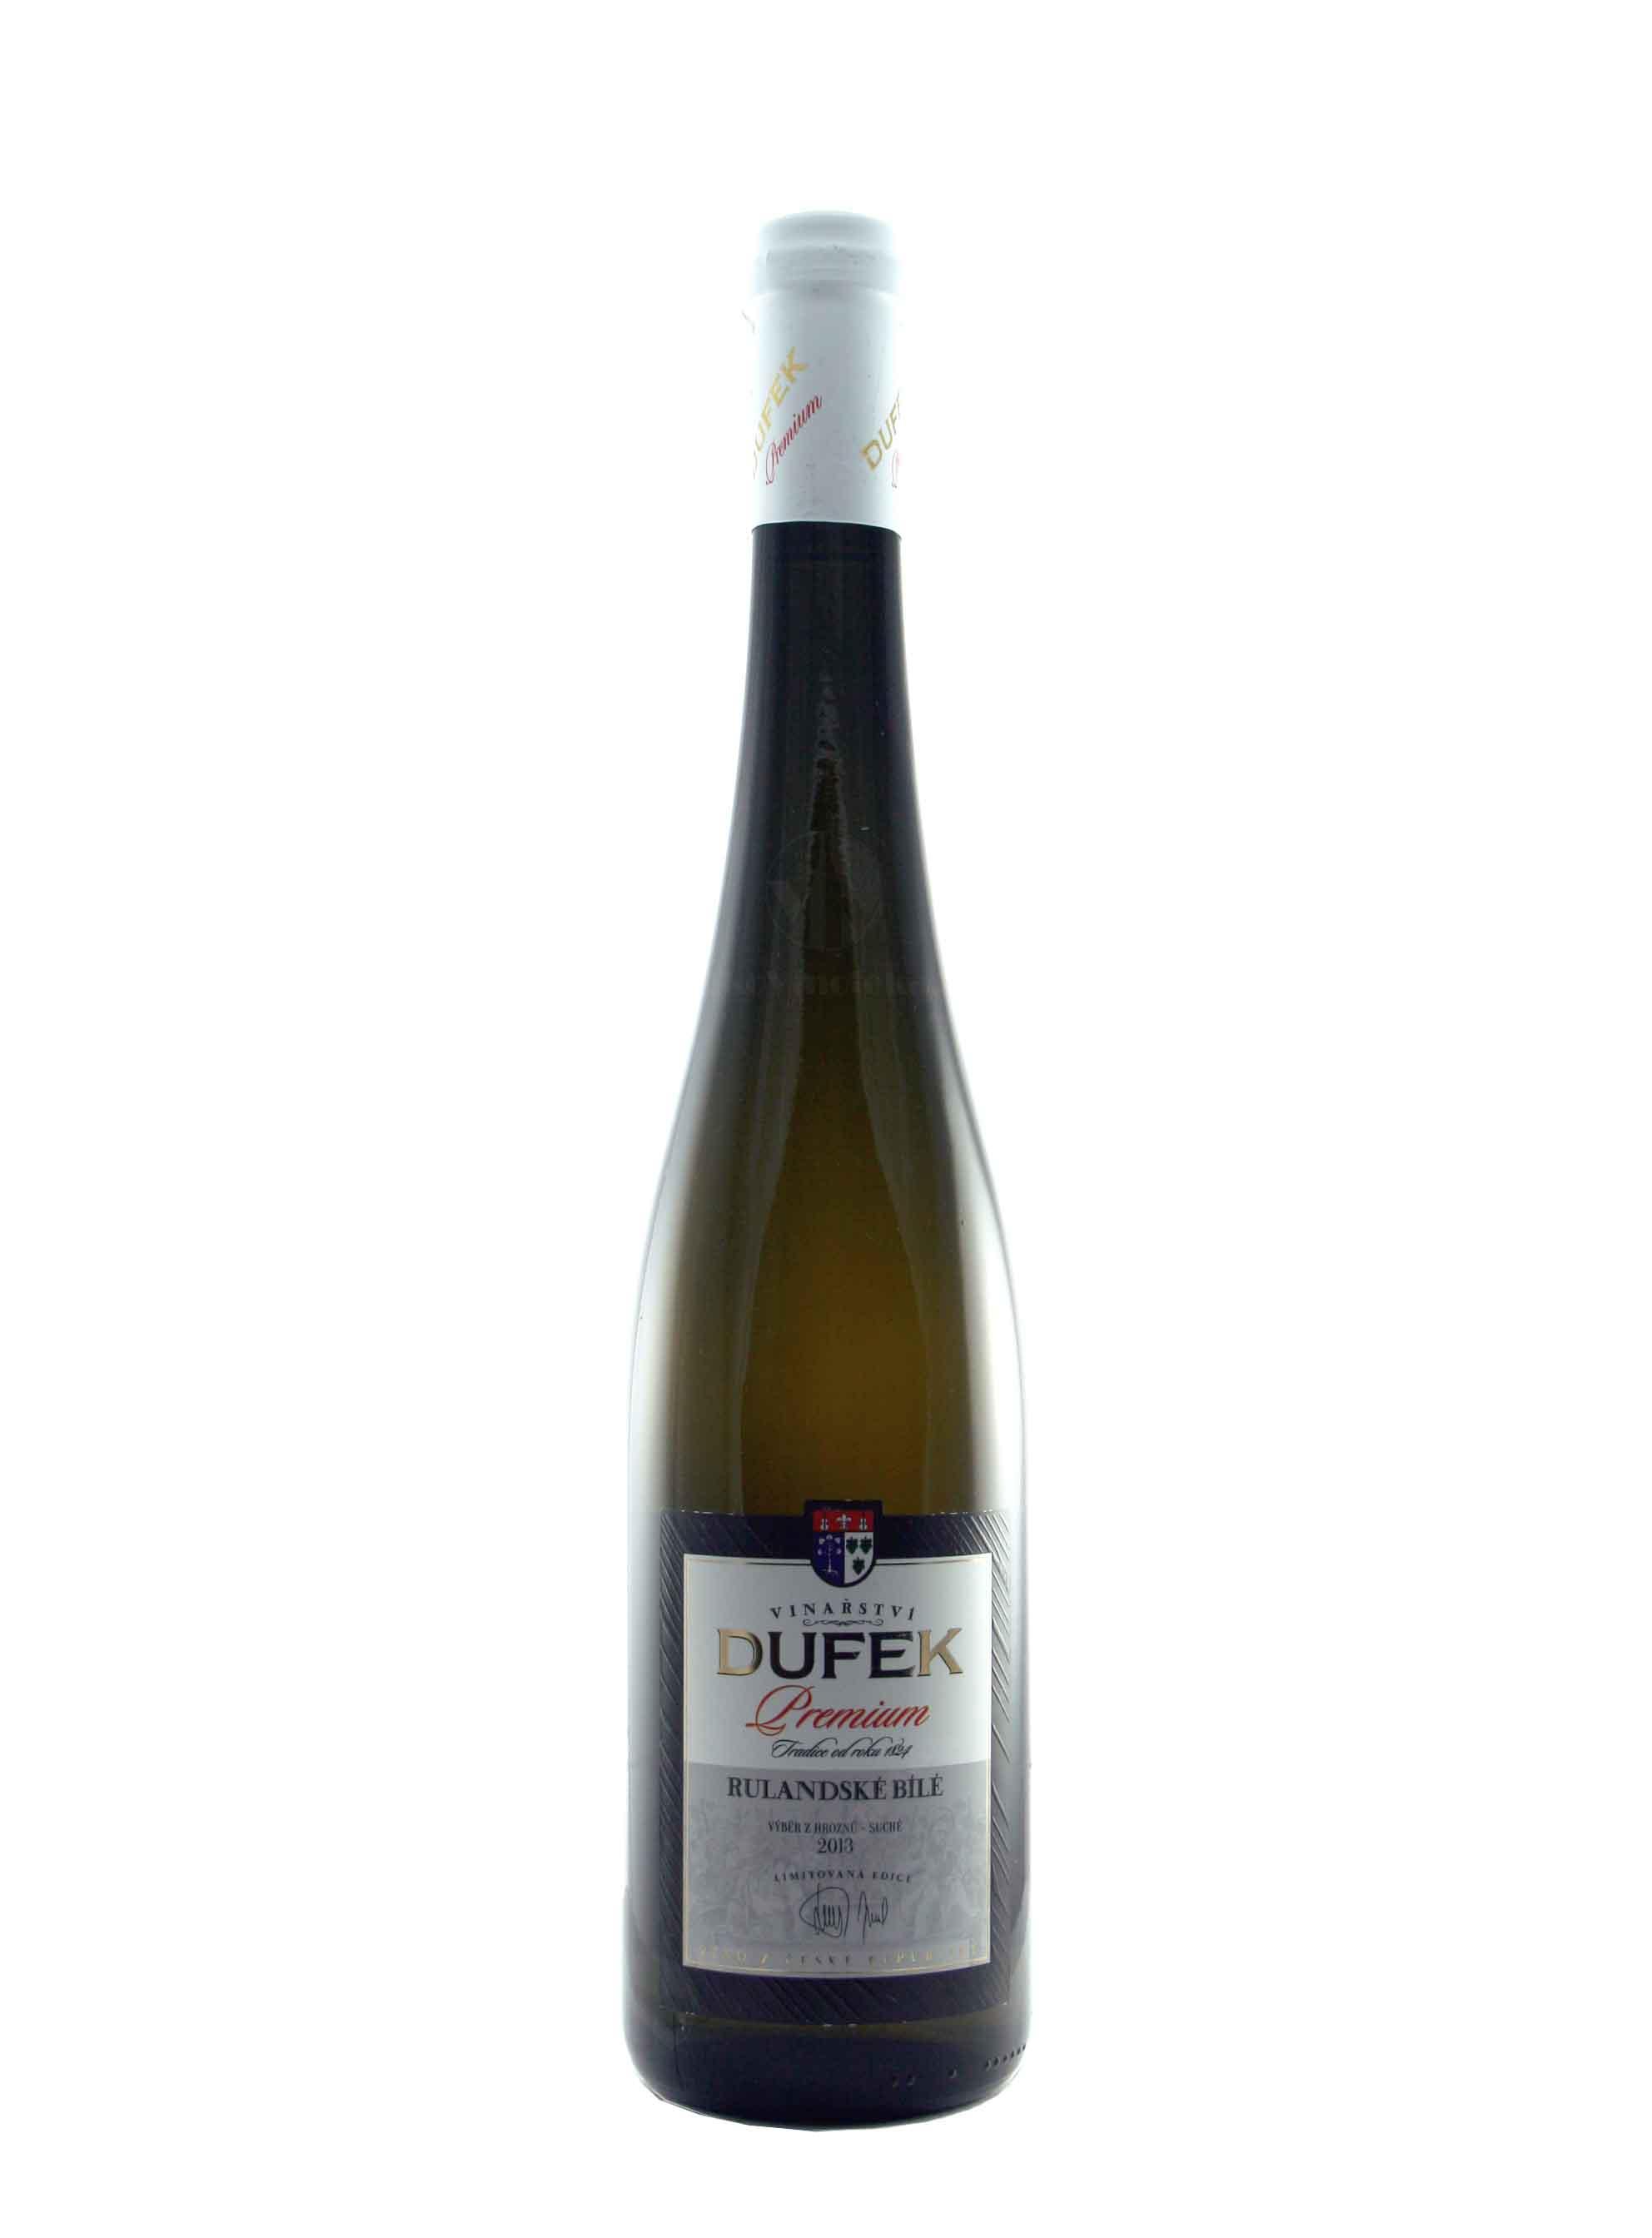 Rulandské bílé, Premium, Výběr z hroznů, 2013, Vinařství Dufek, 0.75 l